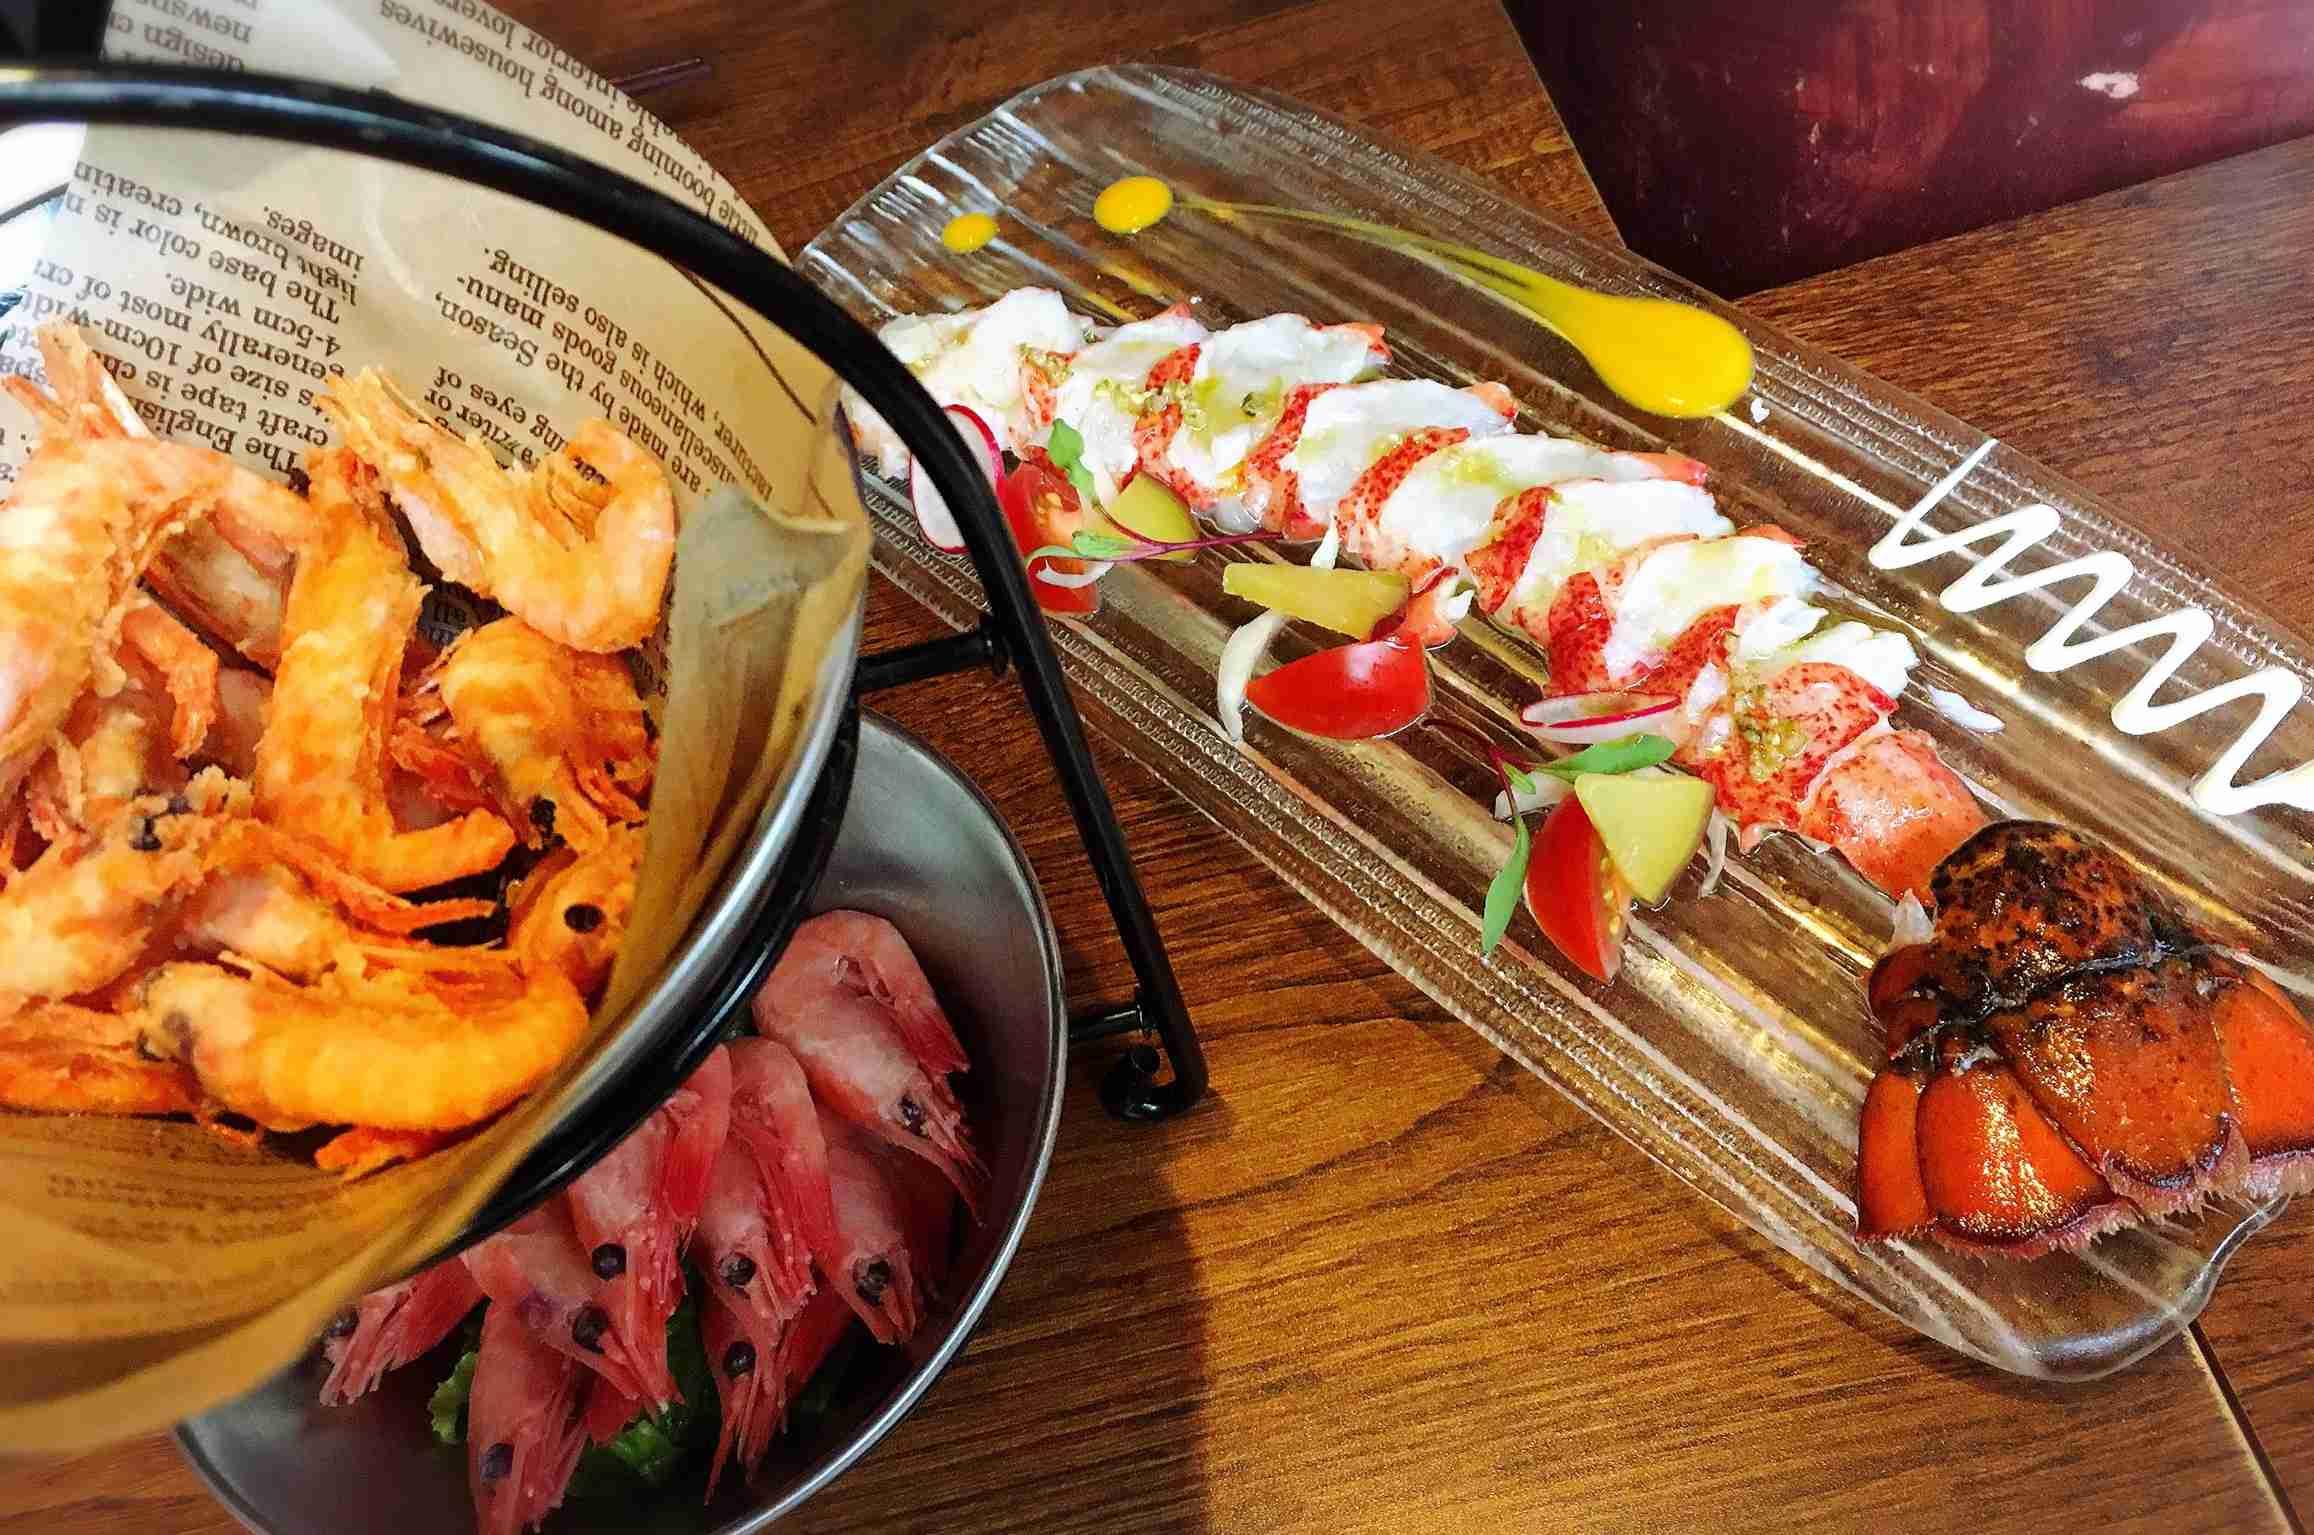 【飯テロ】携帯に入ってる食事写真で1番よく撮れているものを貼っていくスレ PART2